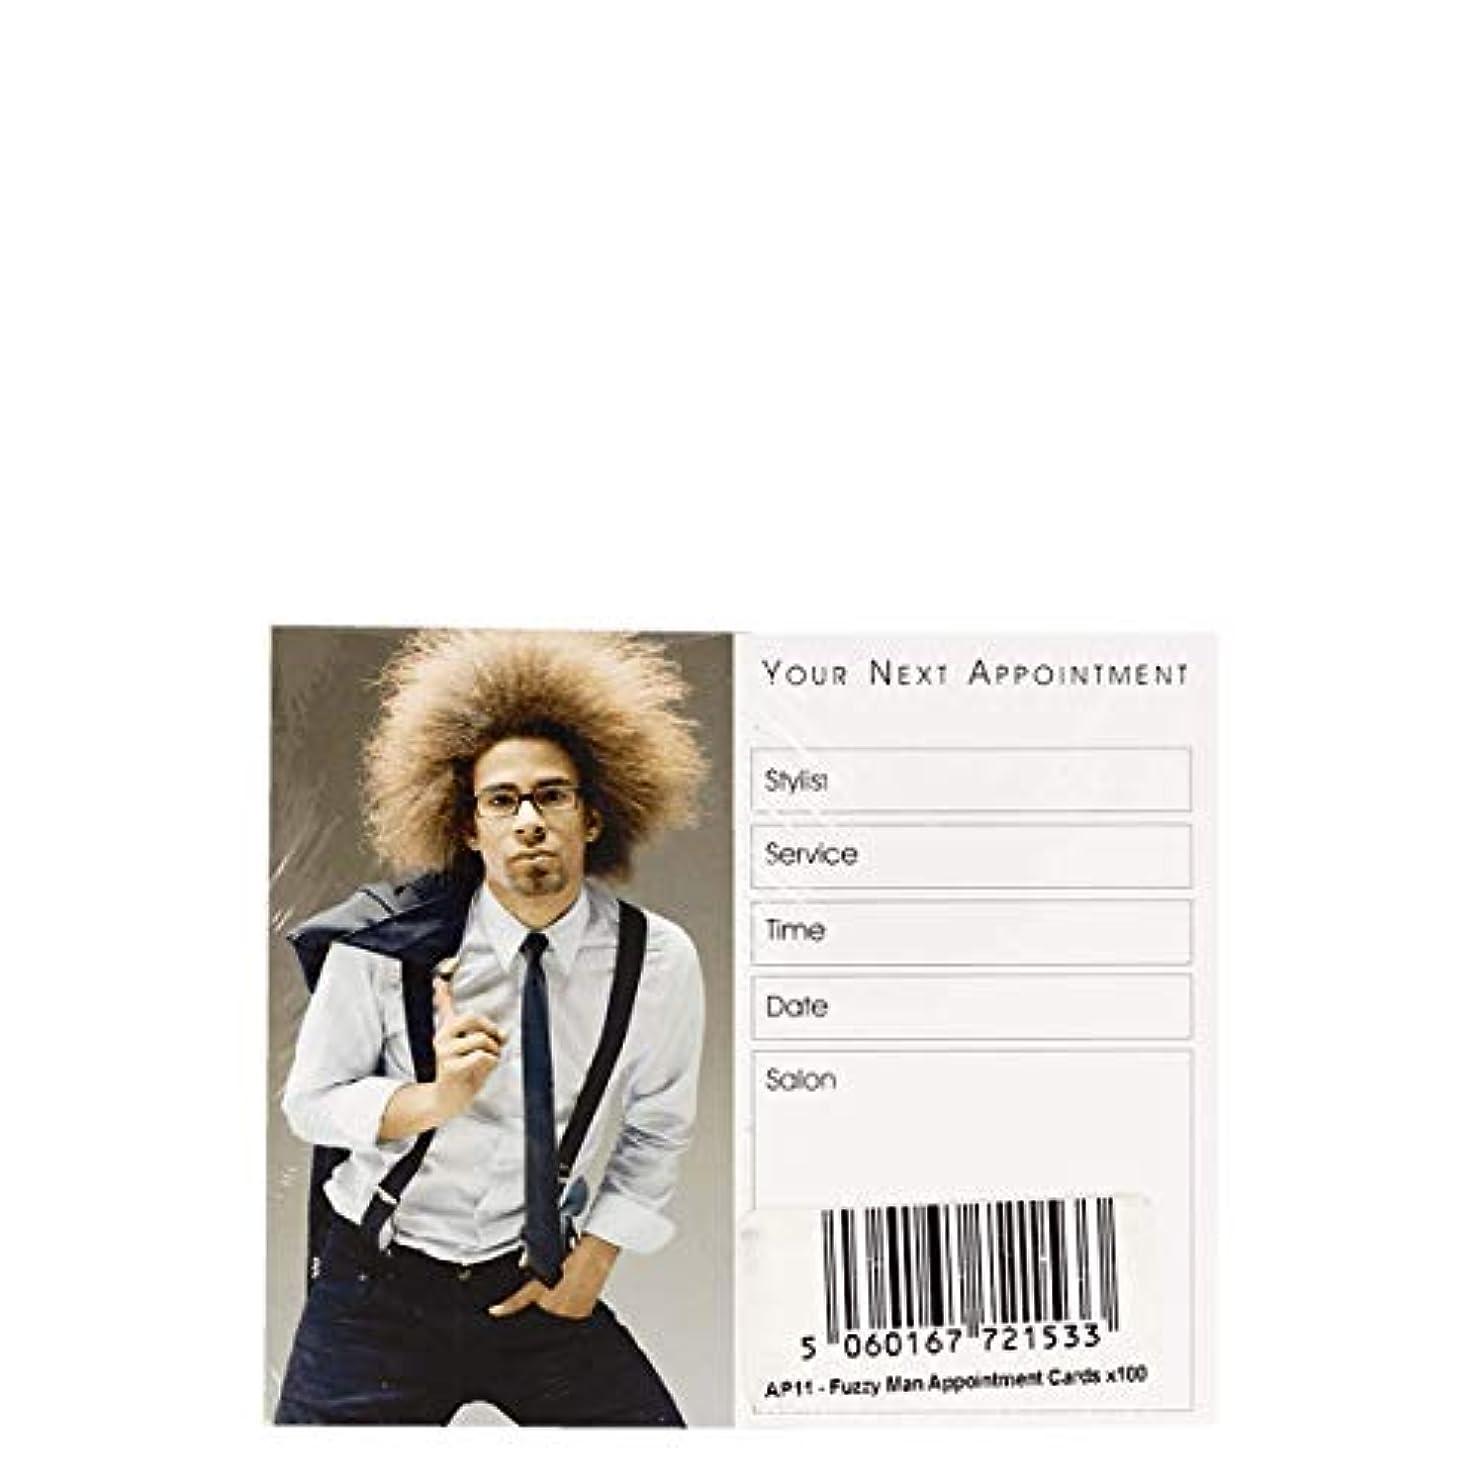 調整するクリープ意外アポイントメントカード Appointment Cards- AP11 FUZZY MAN CARDS x100[海外直送品] [並行輸入品]